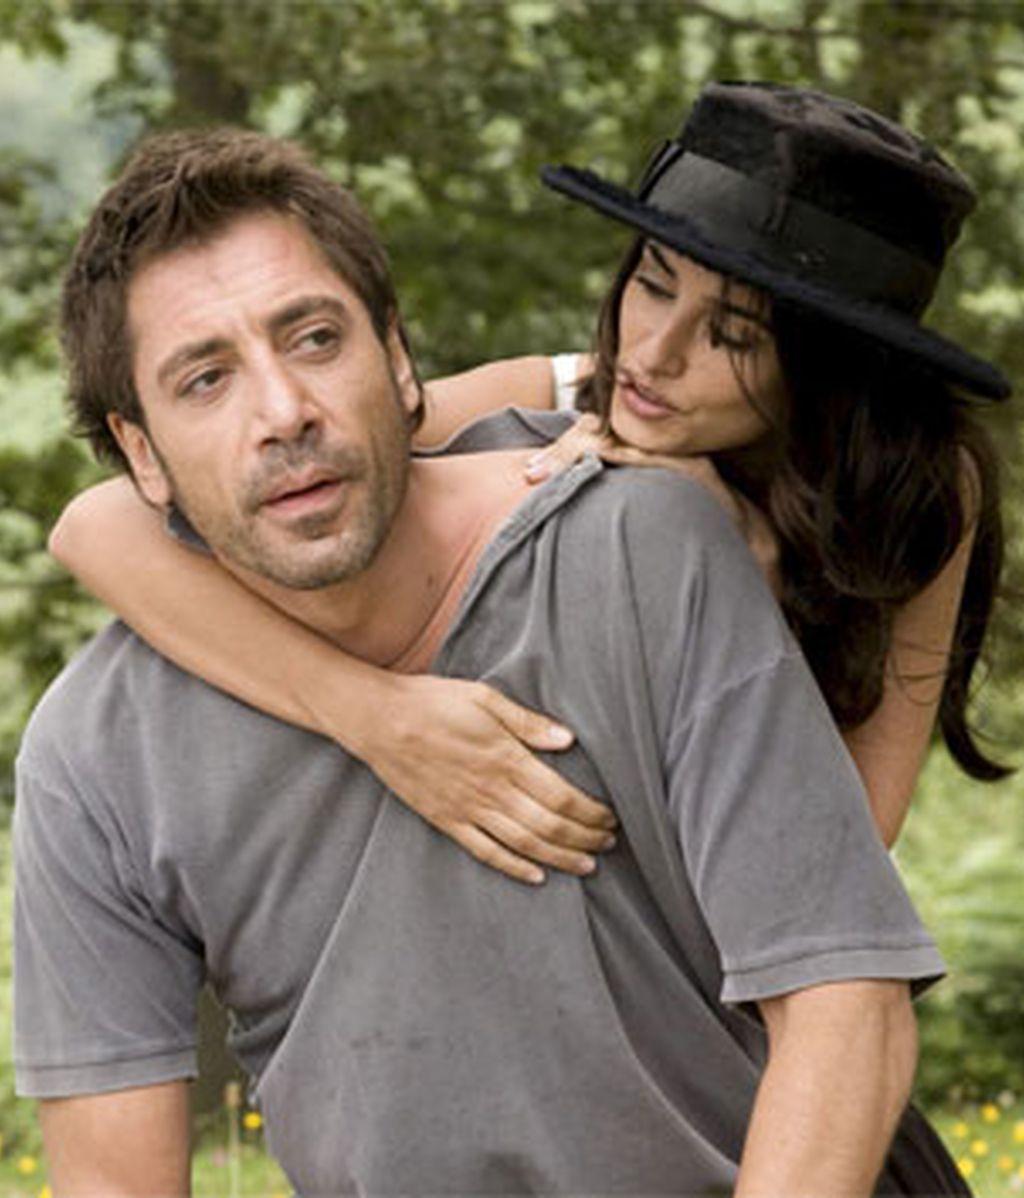 Javier Bardem y Pénelope Cruz juntos durante la película 'Vicky Cristina Barcelona'.